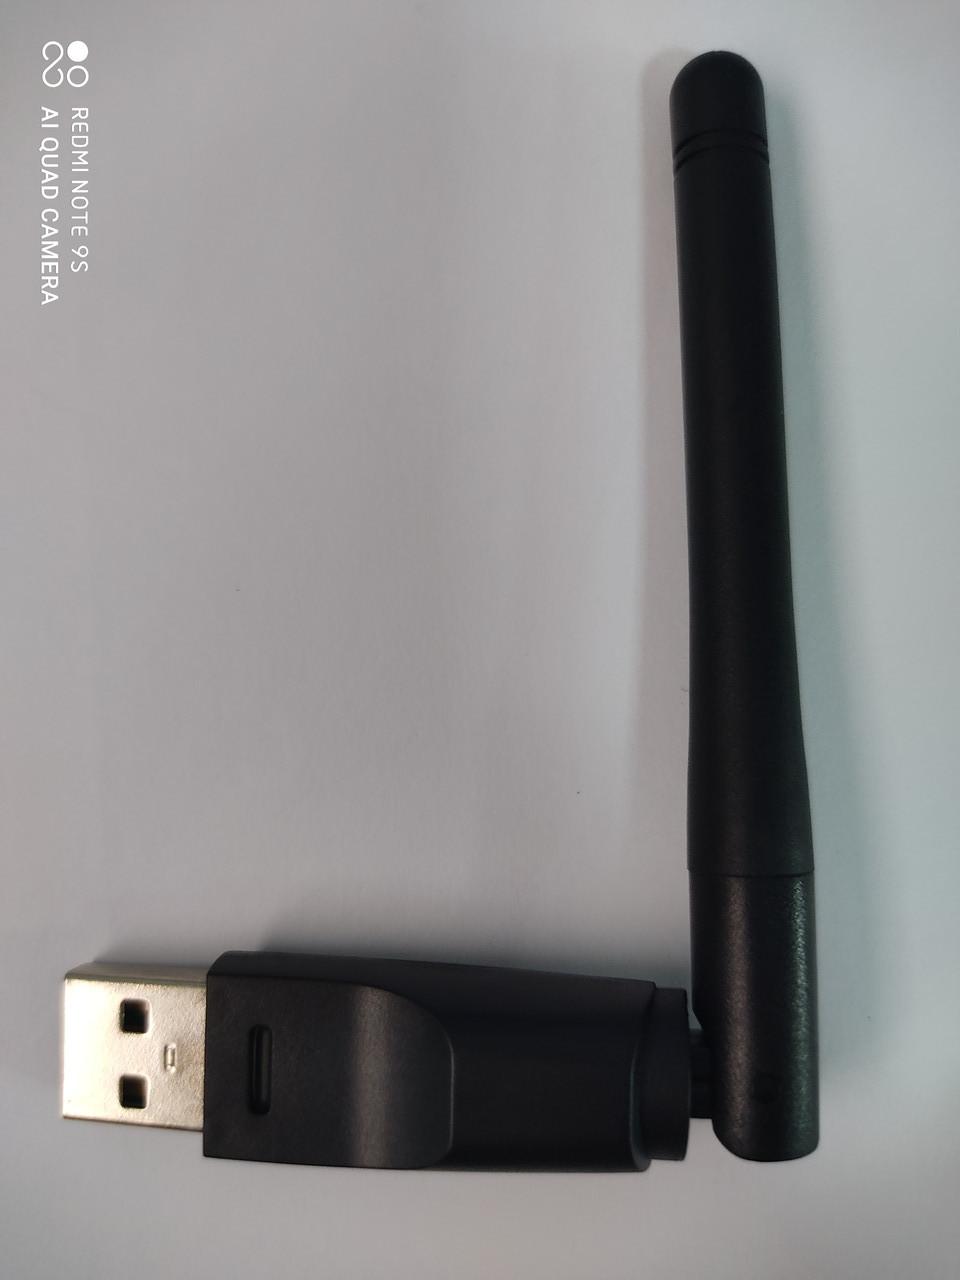 USB Wi-Fi адаптер W 112